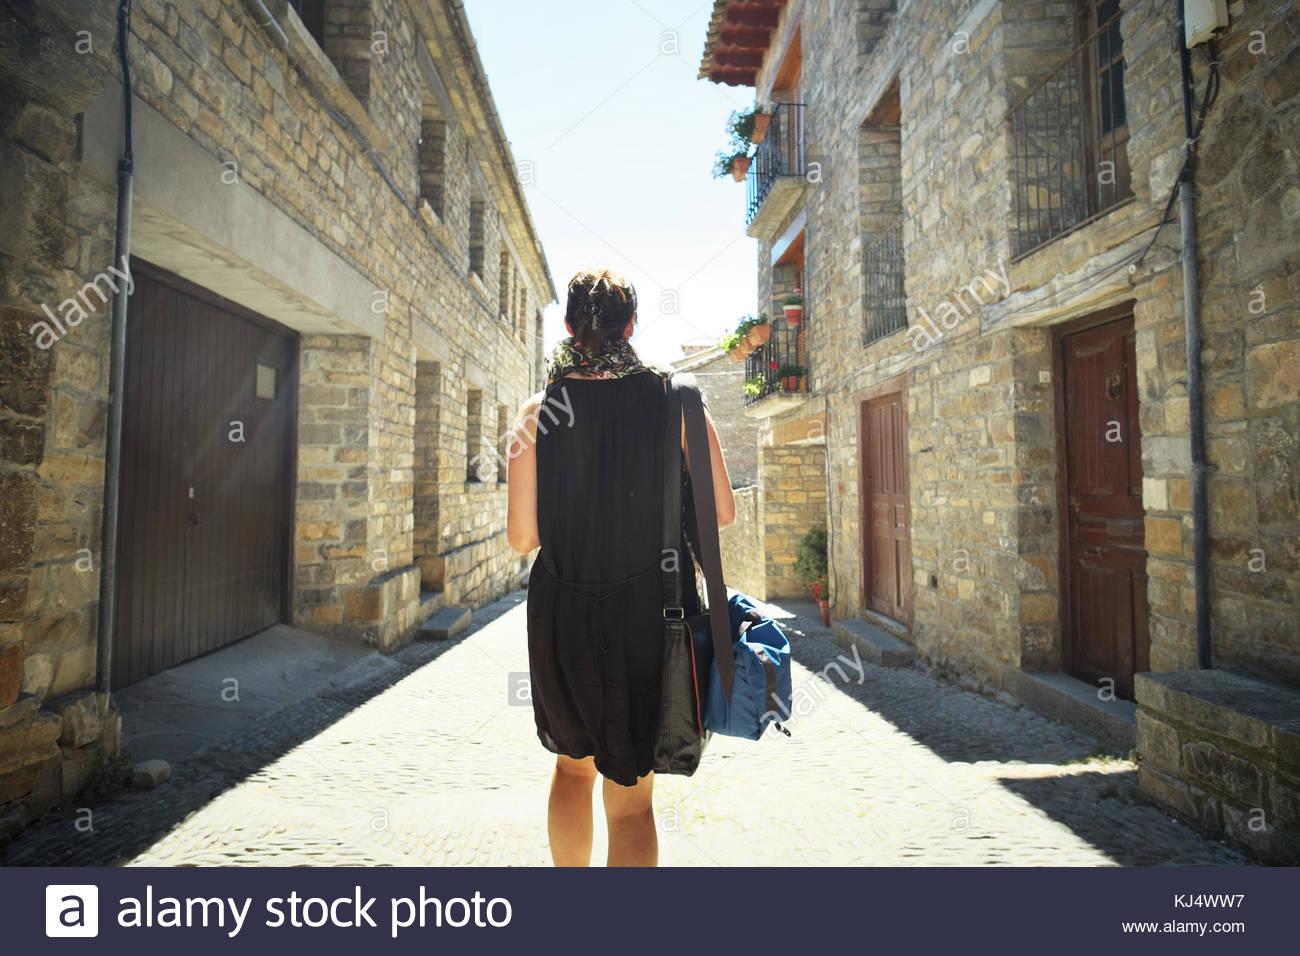 woman walking in empty street - Stock Image